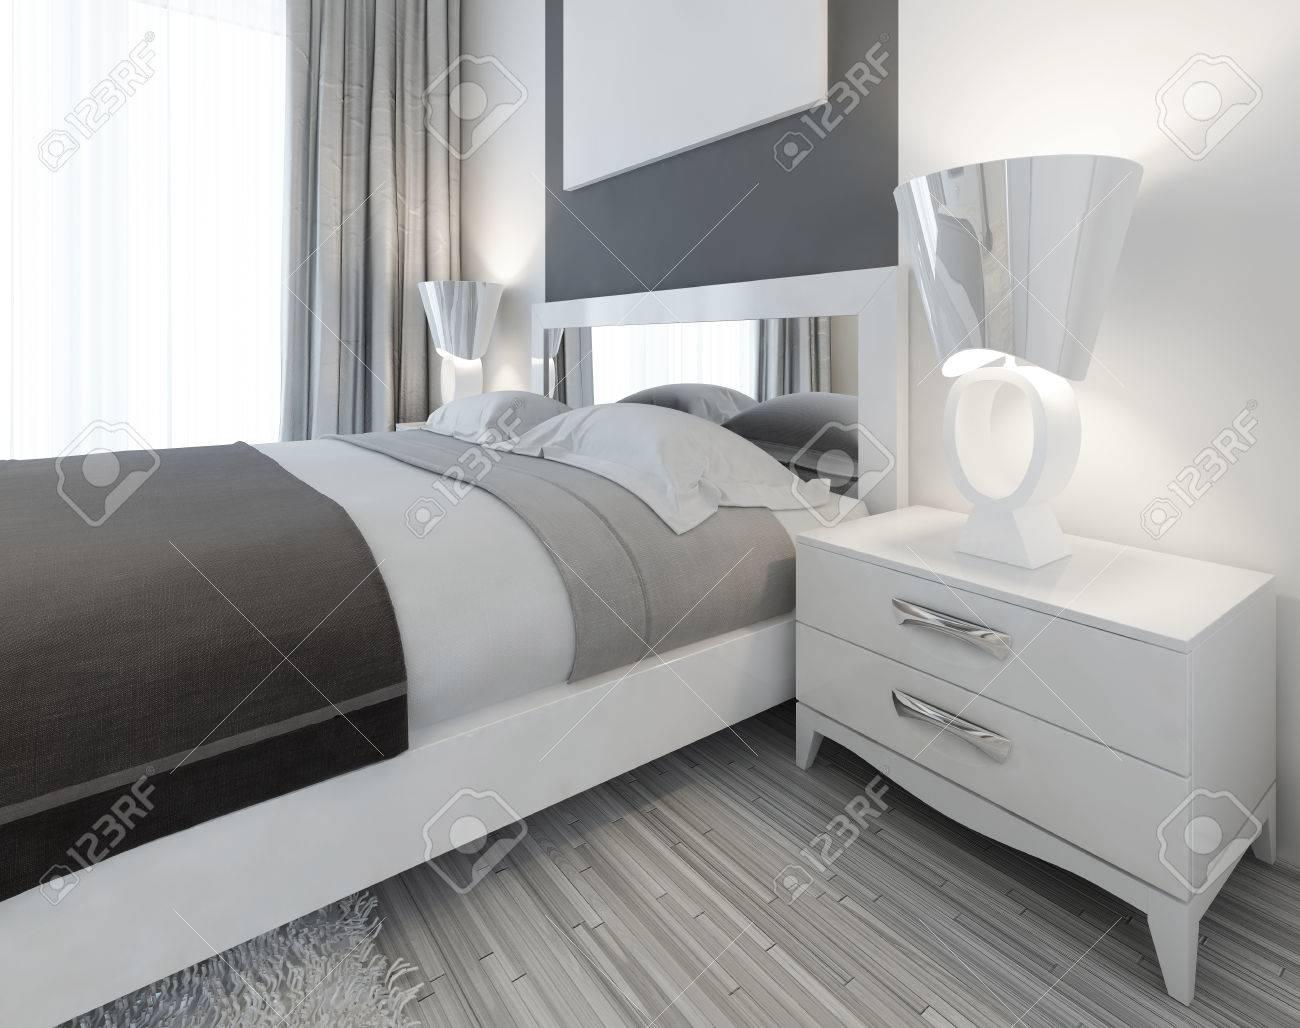 Moderne Weiße Nachttisch Mit Einer Lampe Am Bett In Einem ...